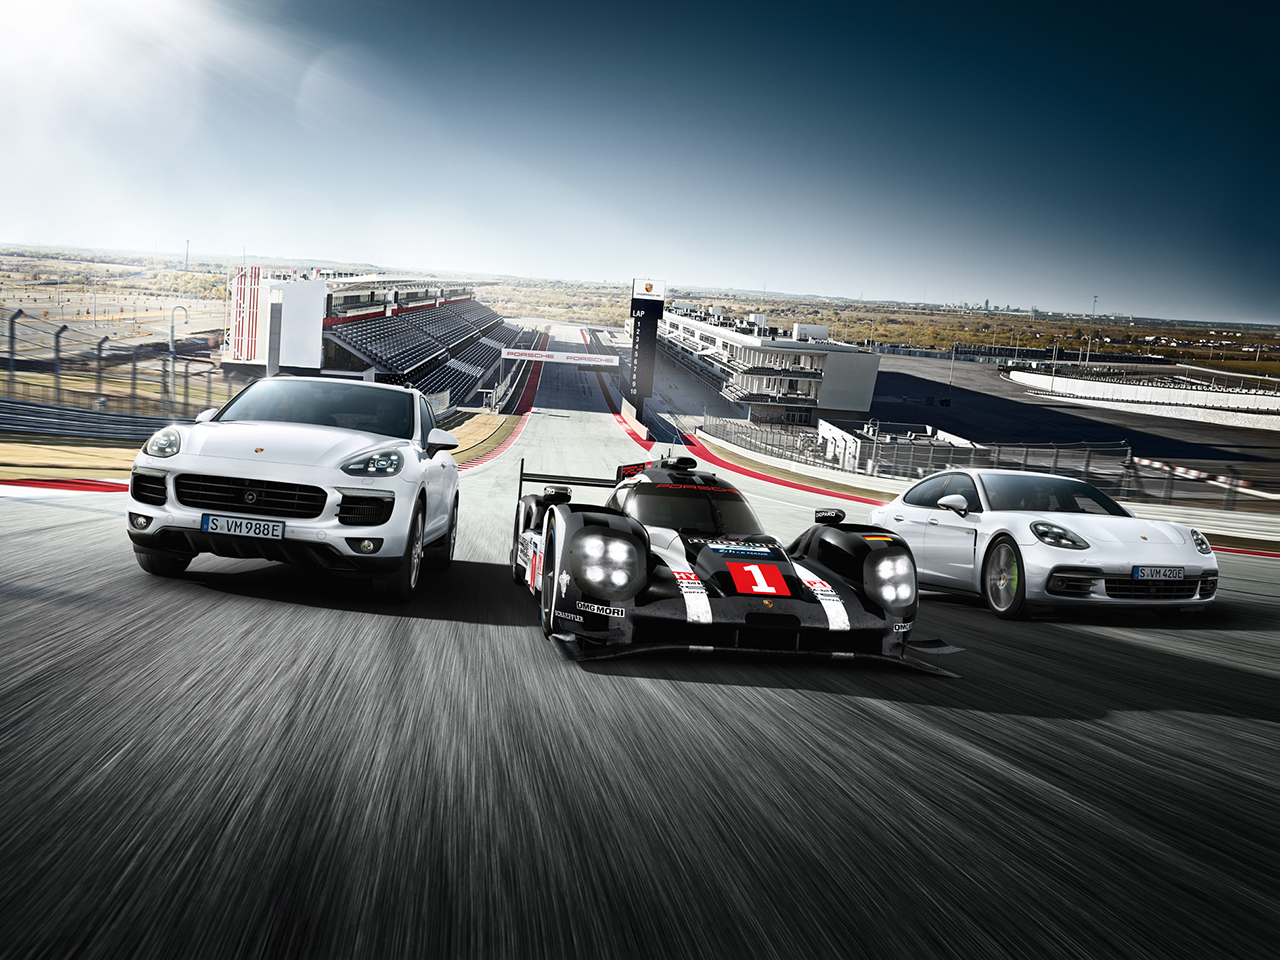 Porsche Von der Rennstrecke auf die Straße. Und wieder zurück.